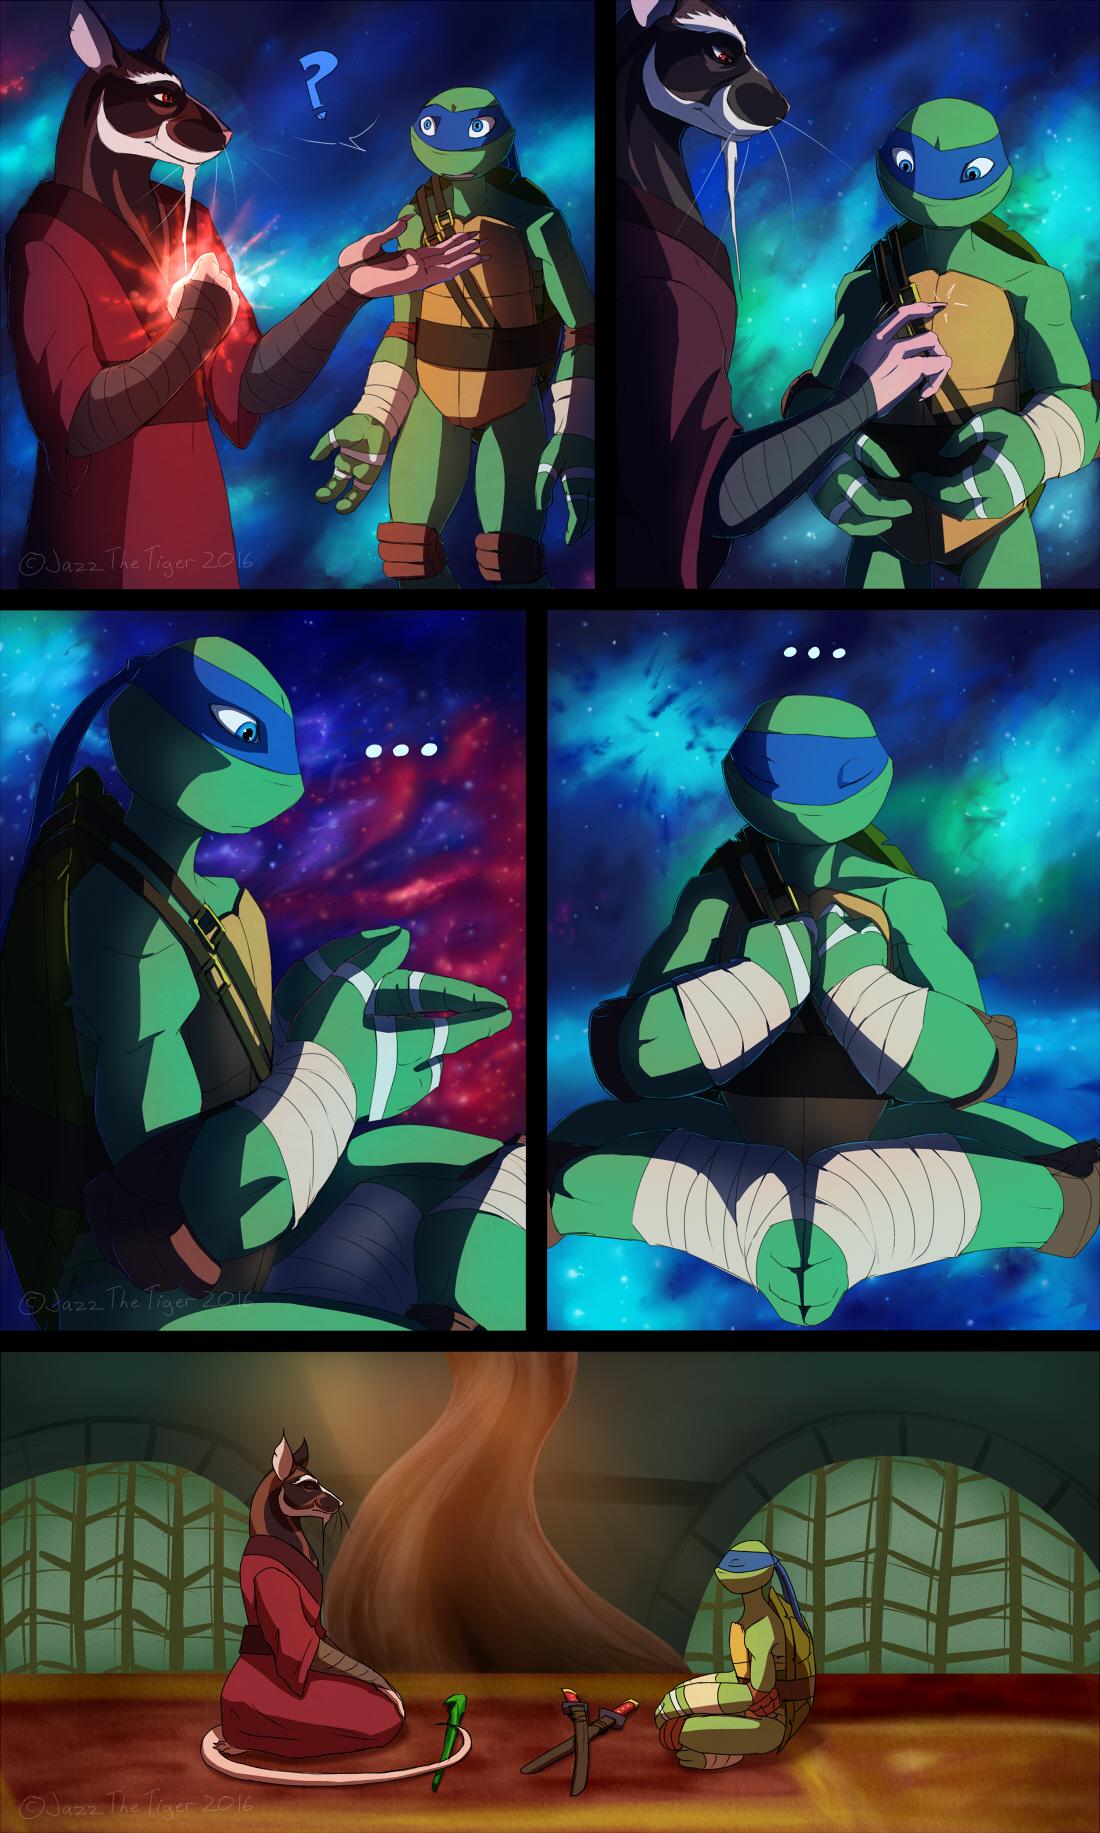 TMNT: Dragons Rising Pg 03 by JazzTheTiger on DeviantArt